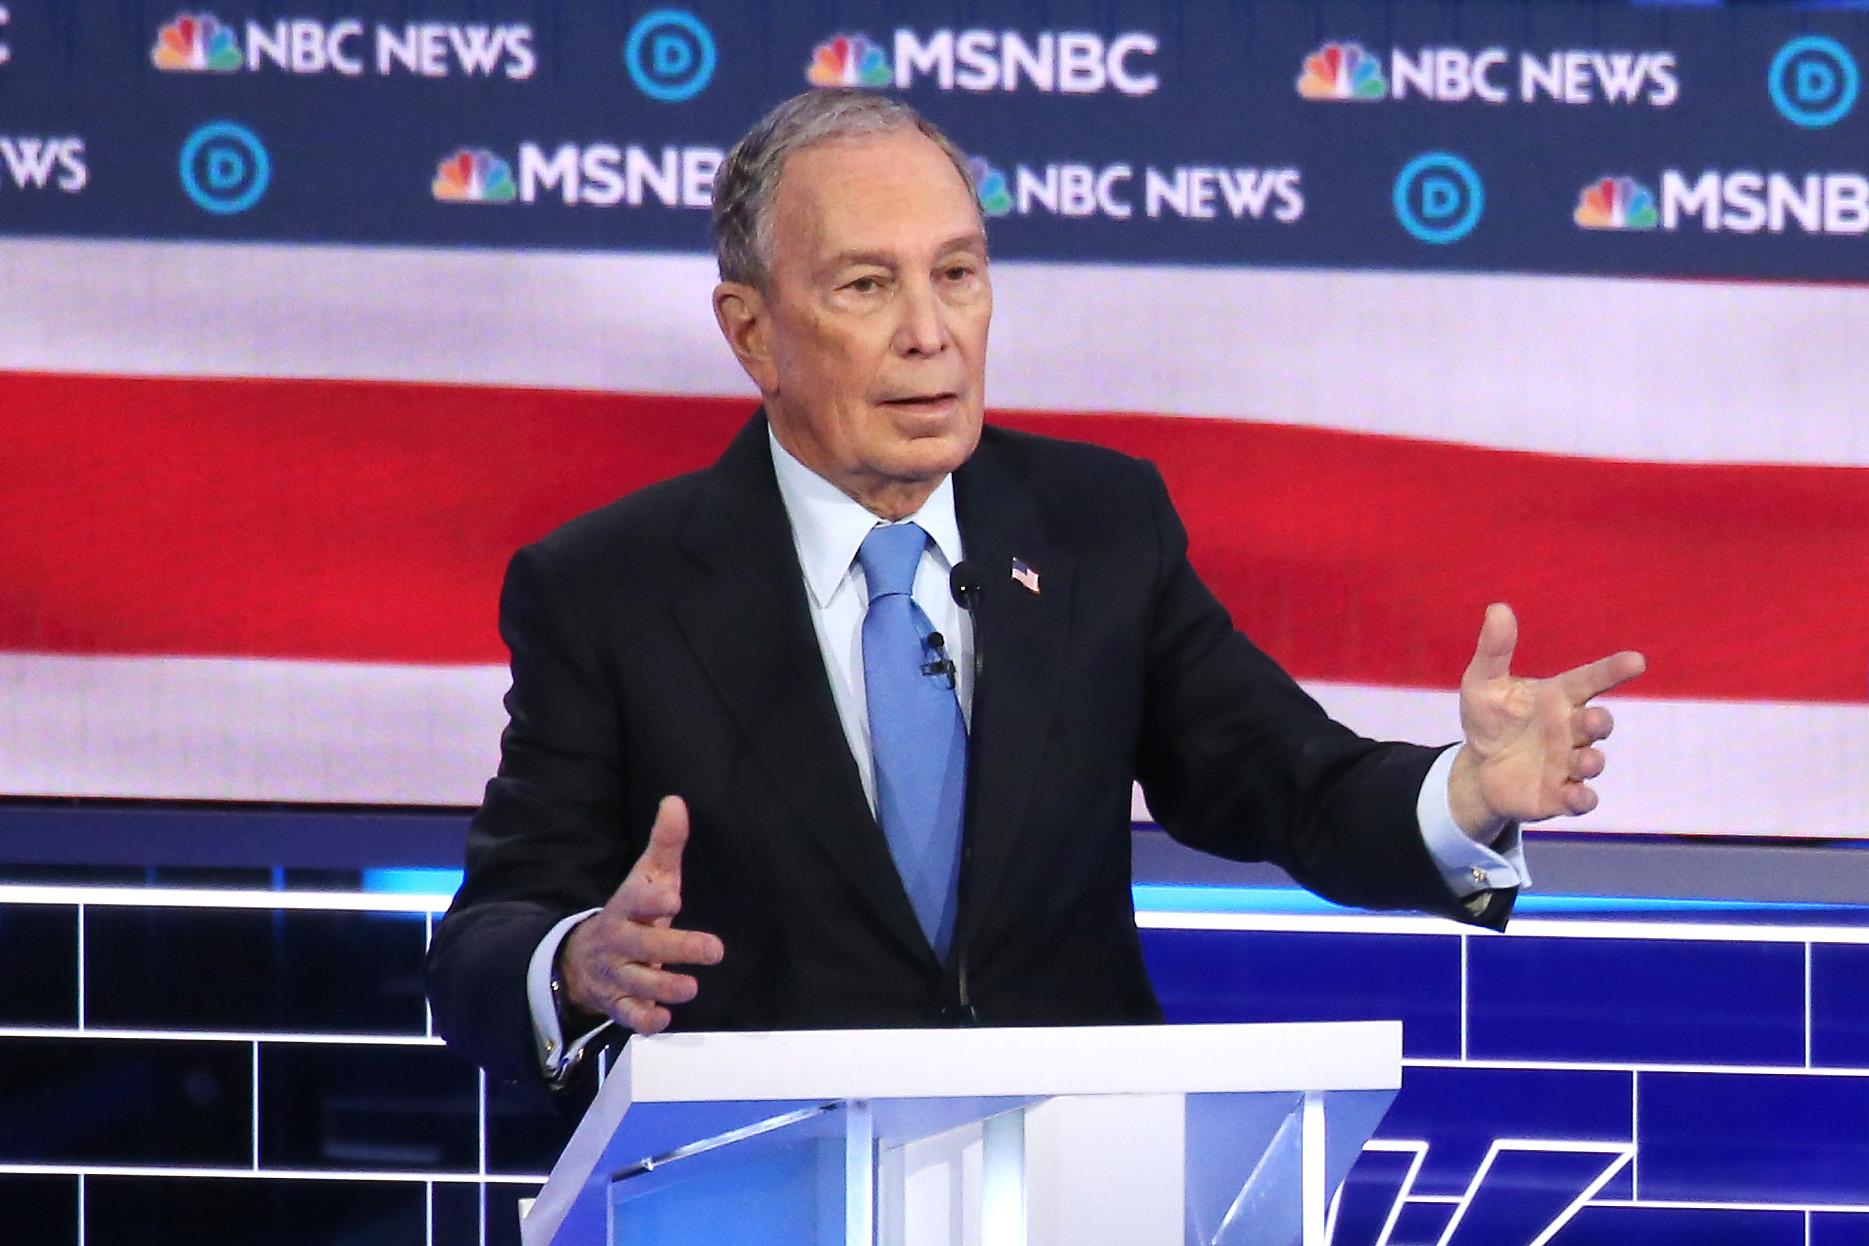 Mike Bloomberg speaks during the Democratic presidential primary debate in Las Vegas on Feb. 19, 2020. (Mario Tama/Getty Images)